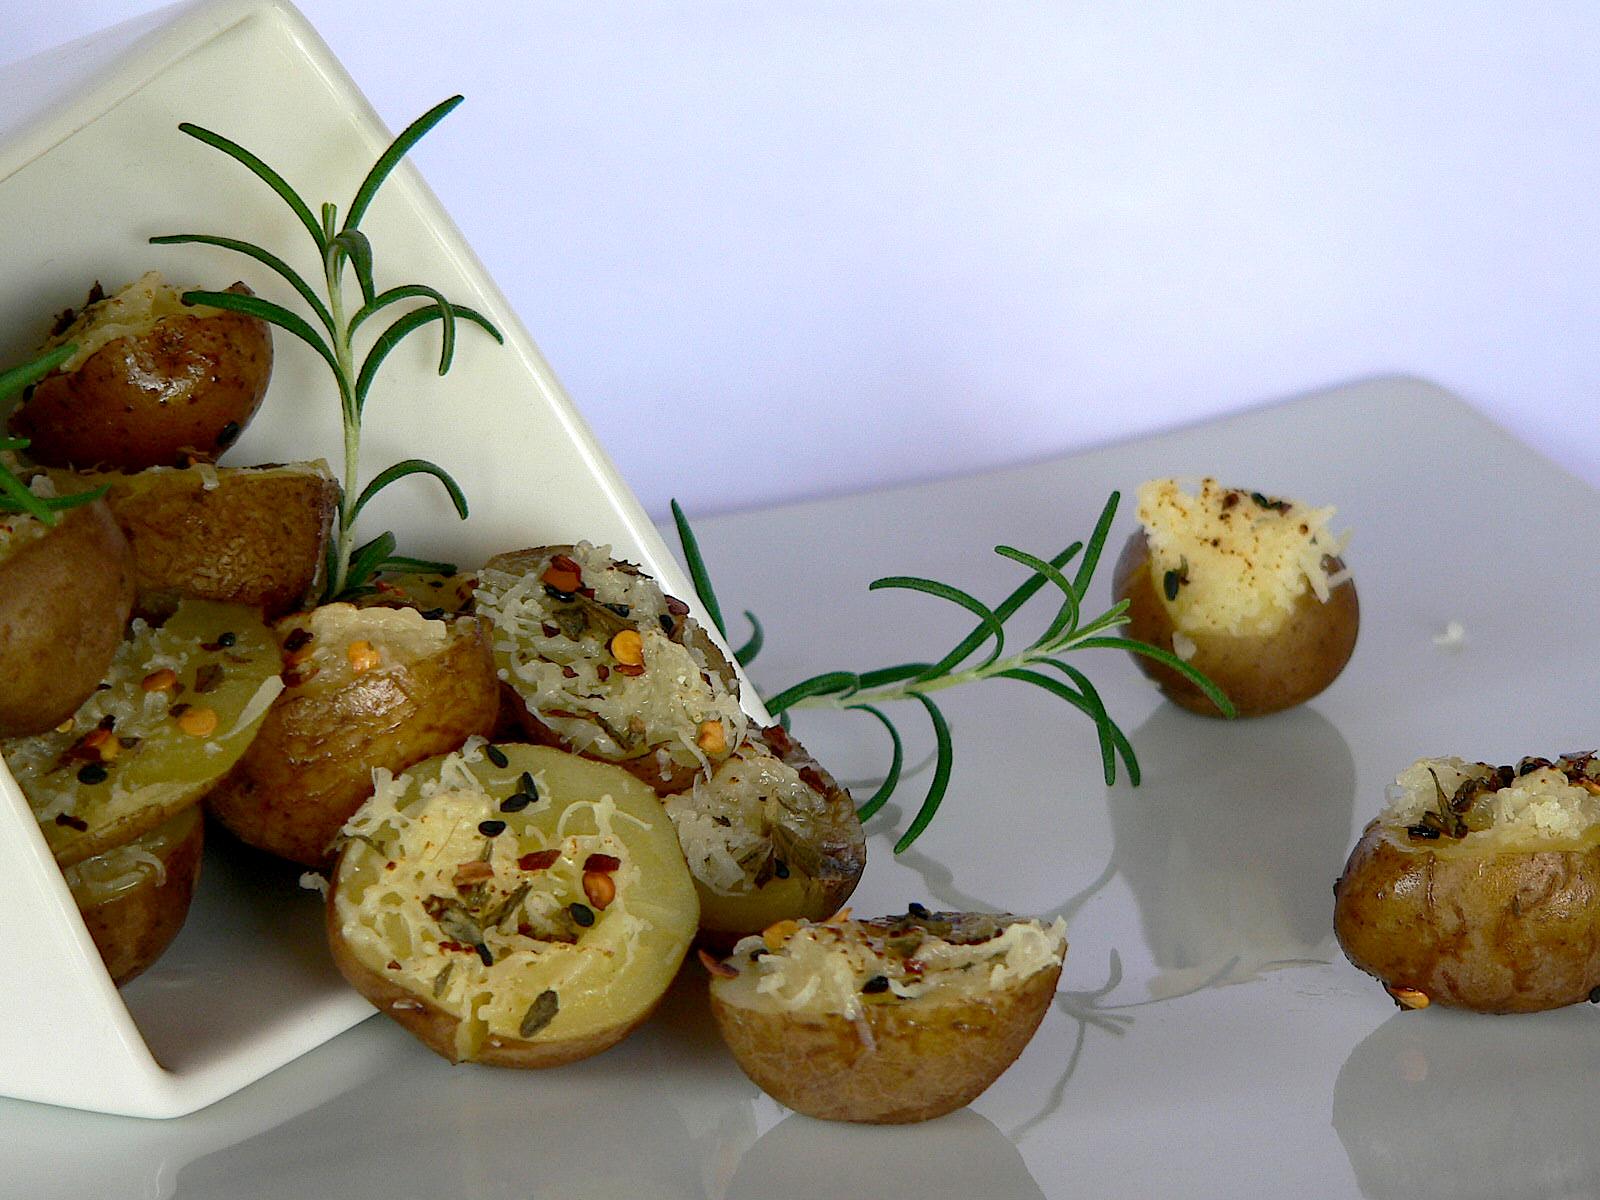 las papas Las papas fritas de bolsa y caseras podrían contener una sustancia cancerígena  denominada glicidamida, según comunicaron científicos de.